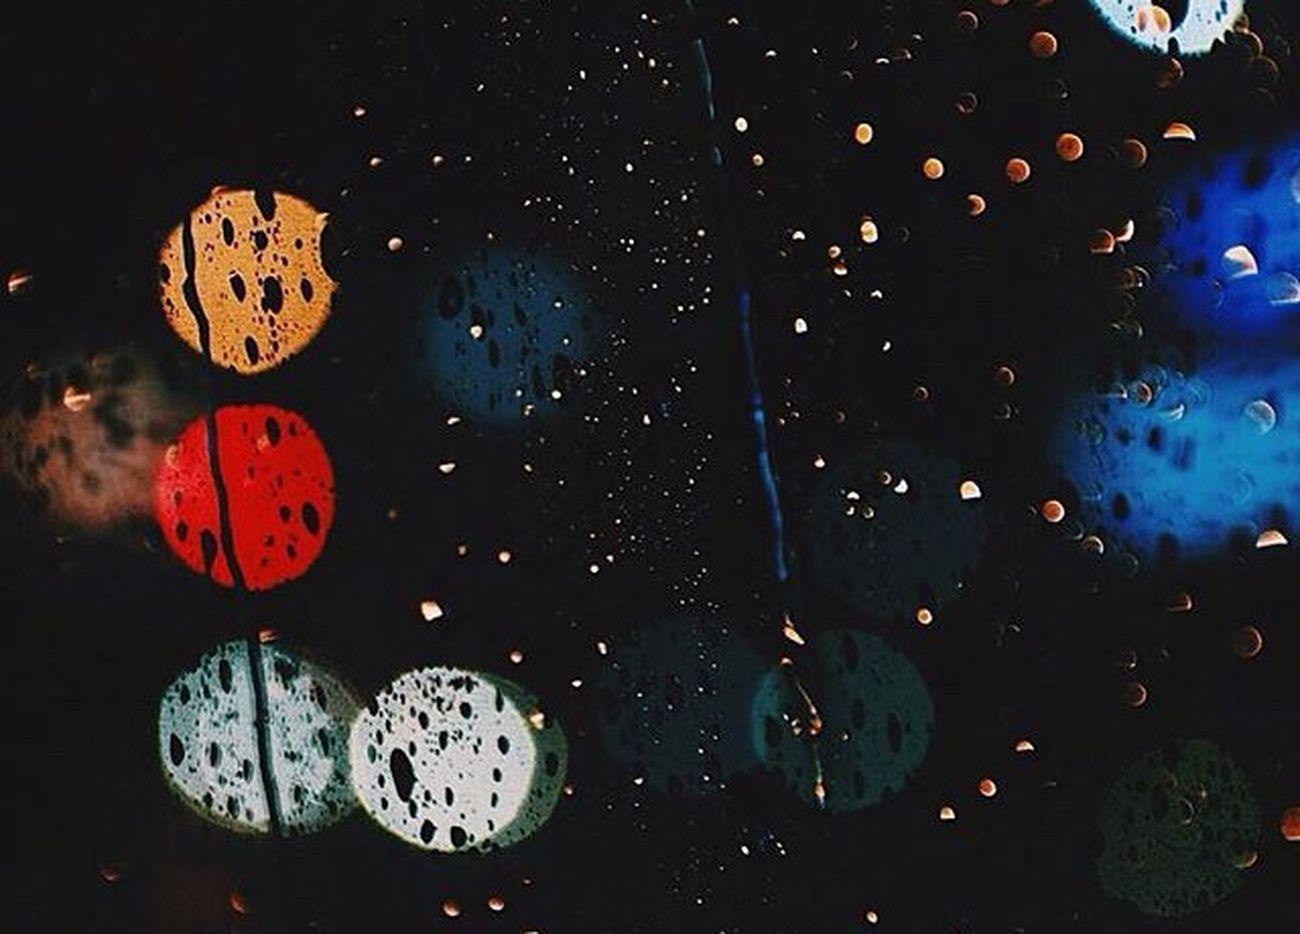 EyeEmNewHere Bokeh Bokeh Photography Bokehlicious Bokeh Light Bokehkillers Bokeh Love Bokeh Balls Rain Rainy Days